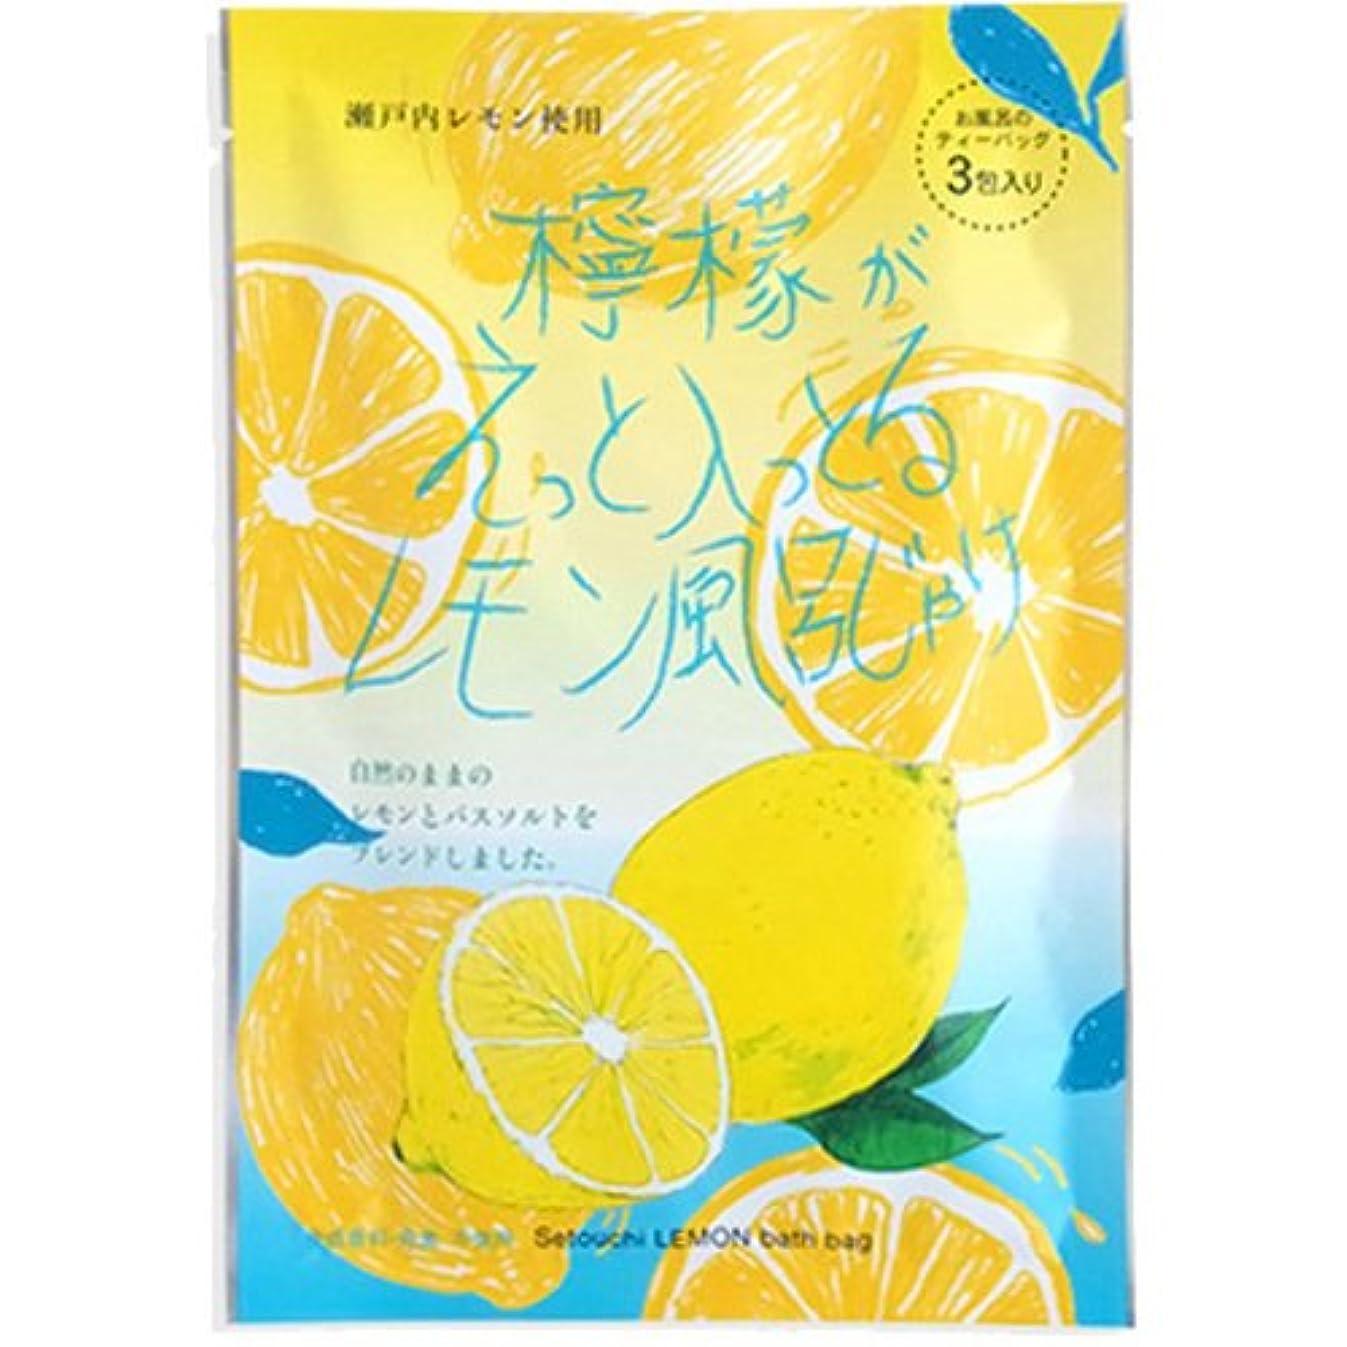 スーツケースモルヒネ浮浪者檸檬がえっと入っとるレモン風呂じゃけ